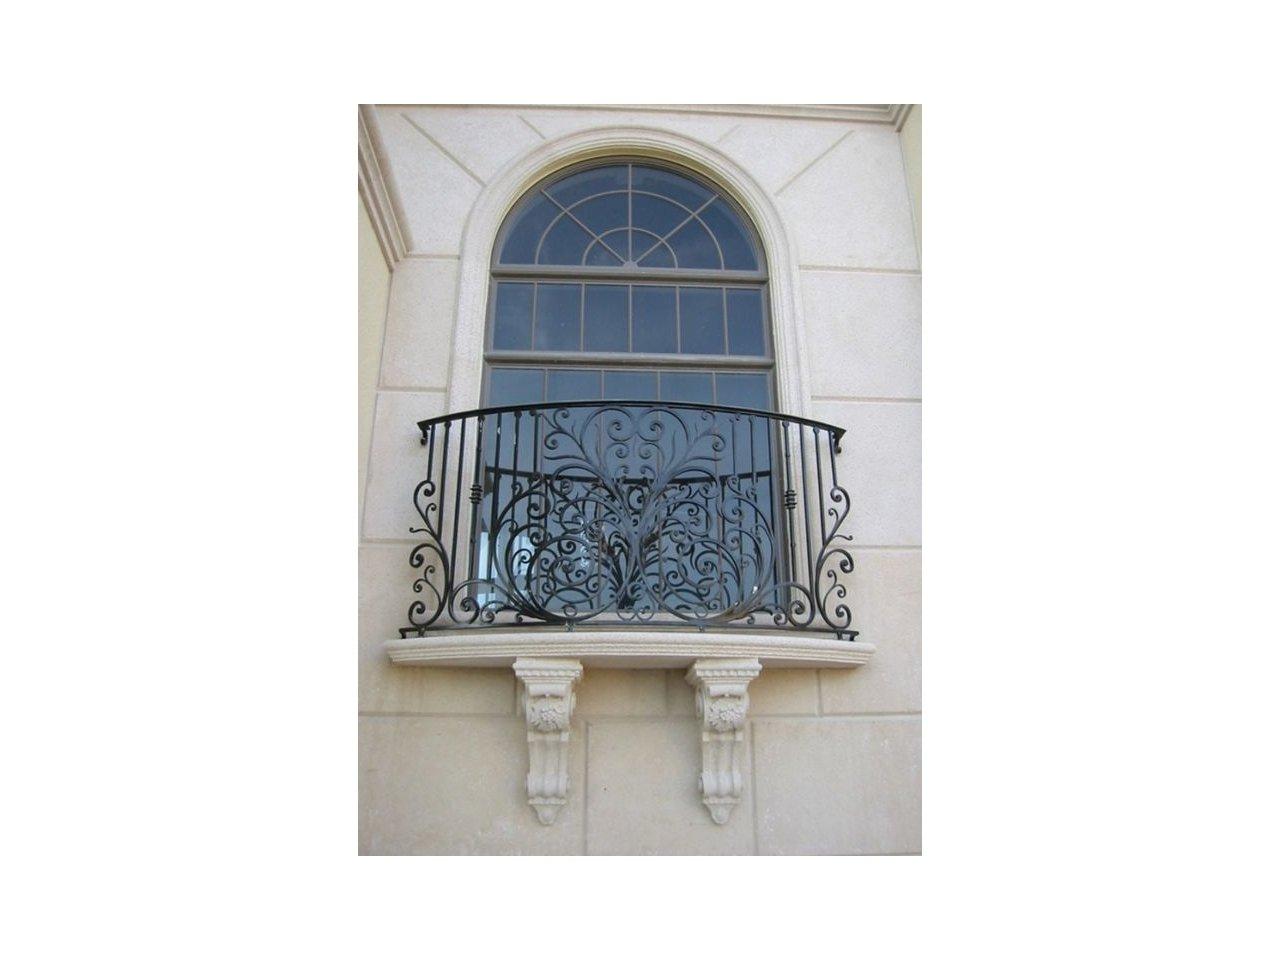 Balustrada kuta zewnętrzna BKZ73